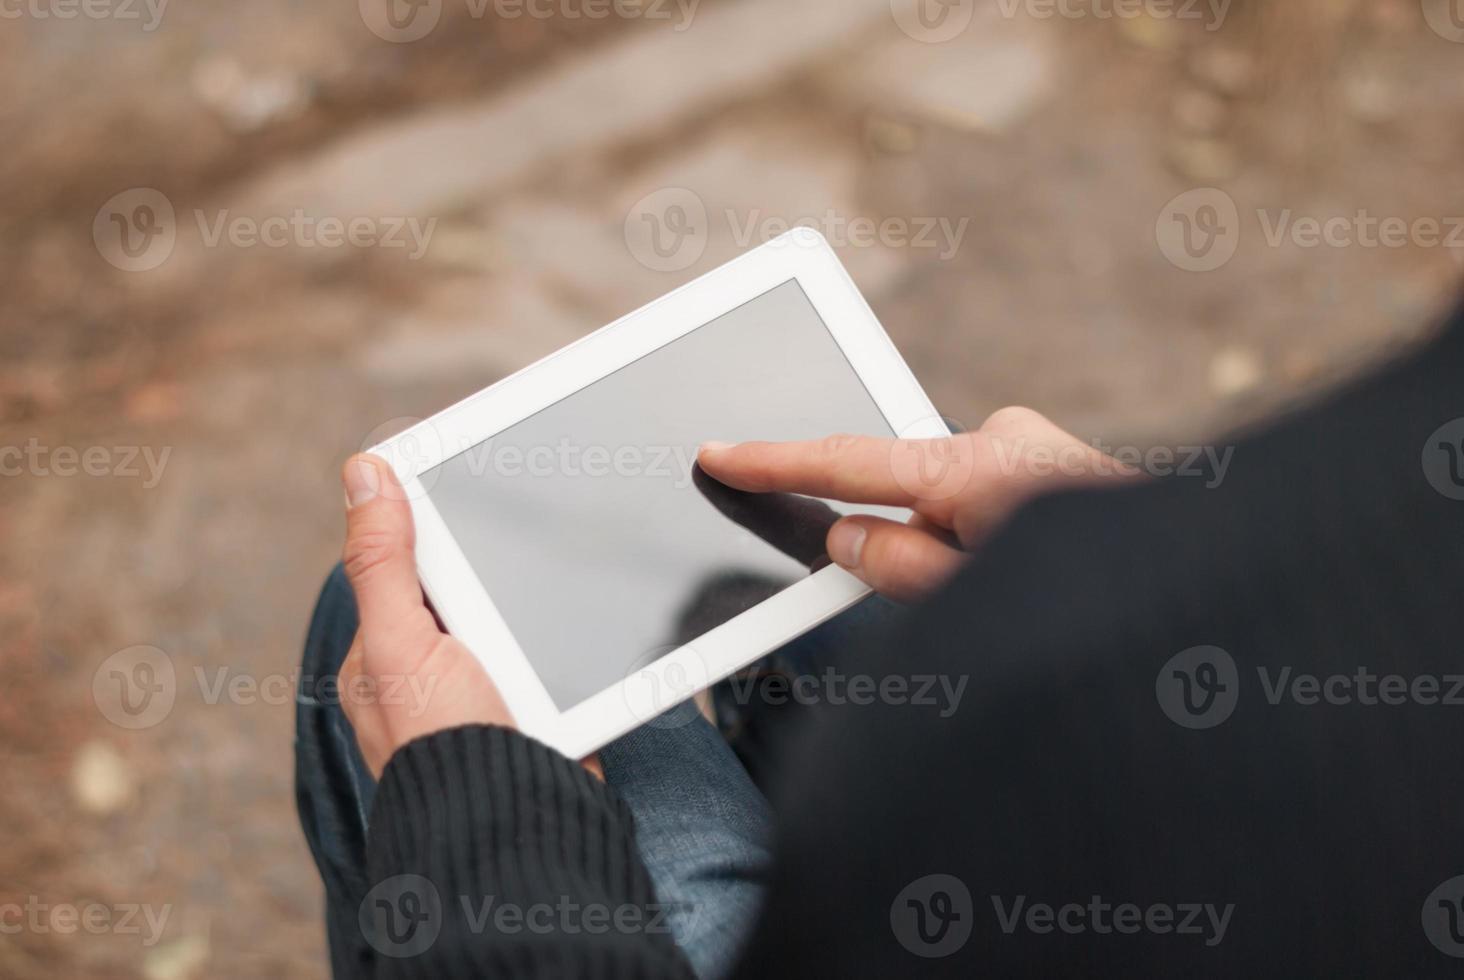 Mann mit Tablet-Computer in den Händen von Nahaufnahme. foto